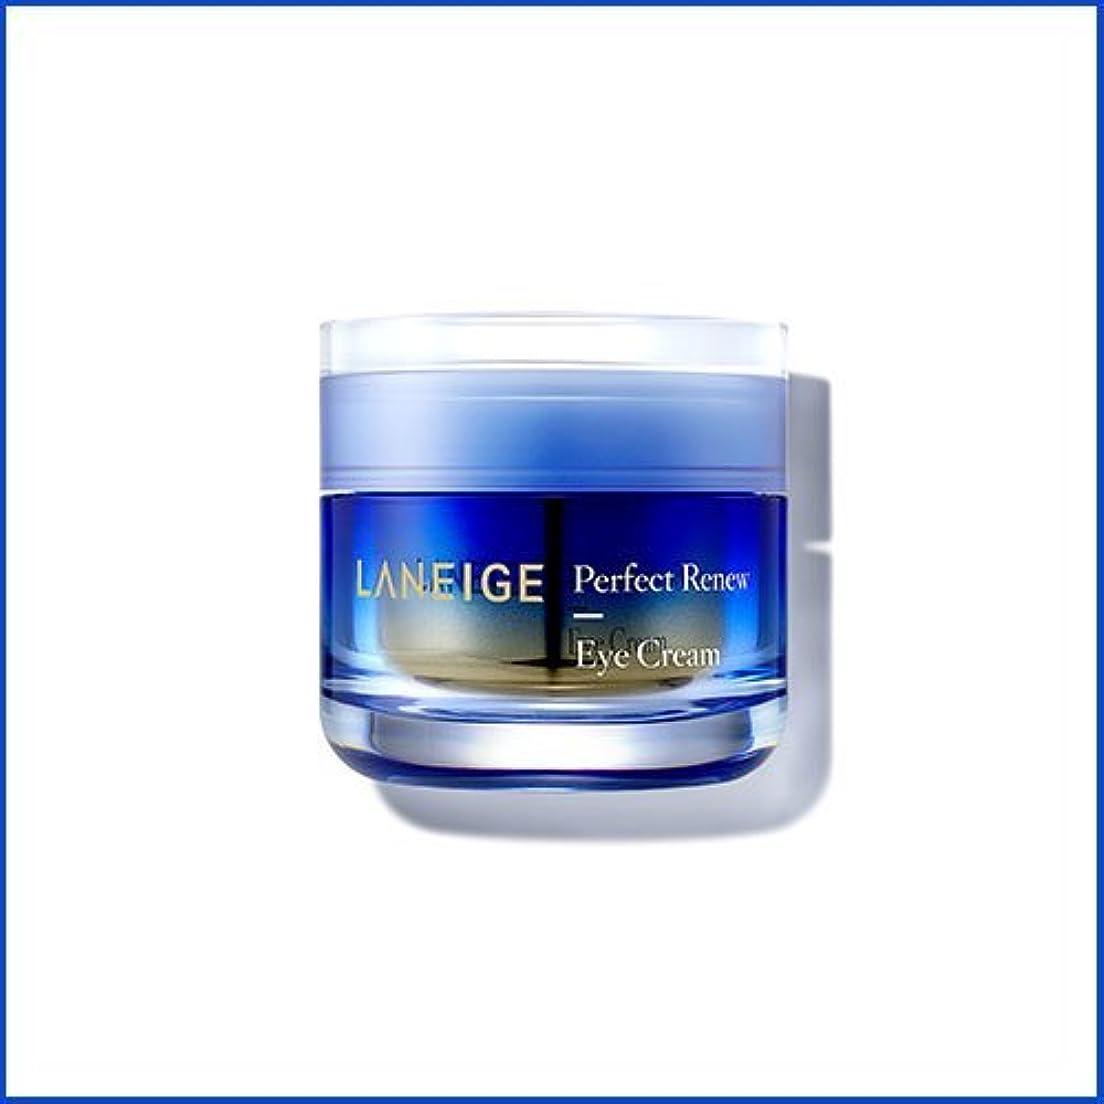 消費キャロライン肉屋【ラネージュ】【LANEIGE】【韓国コスメ】【アイクリーム 】 パーフェクト リニュー アイ クリーム 20ml Perfect Renew Eye Cream [並行輸入品]